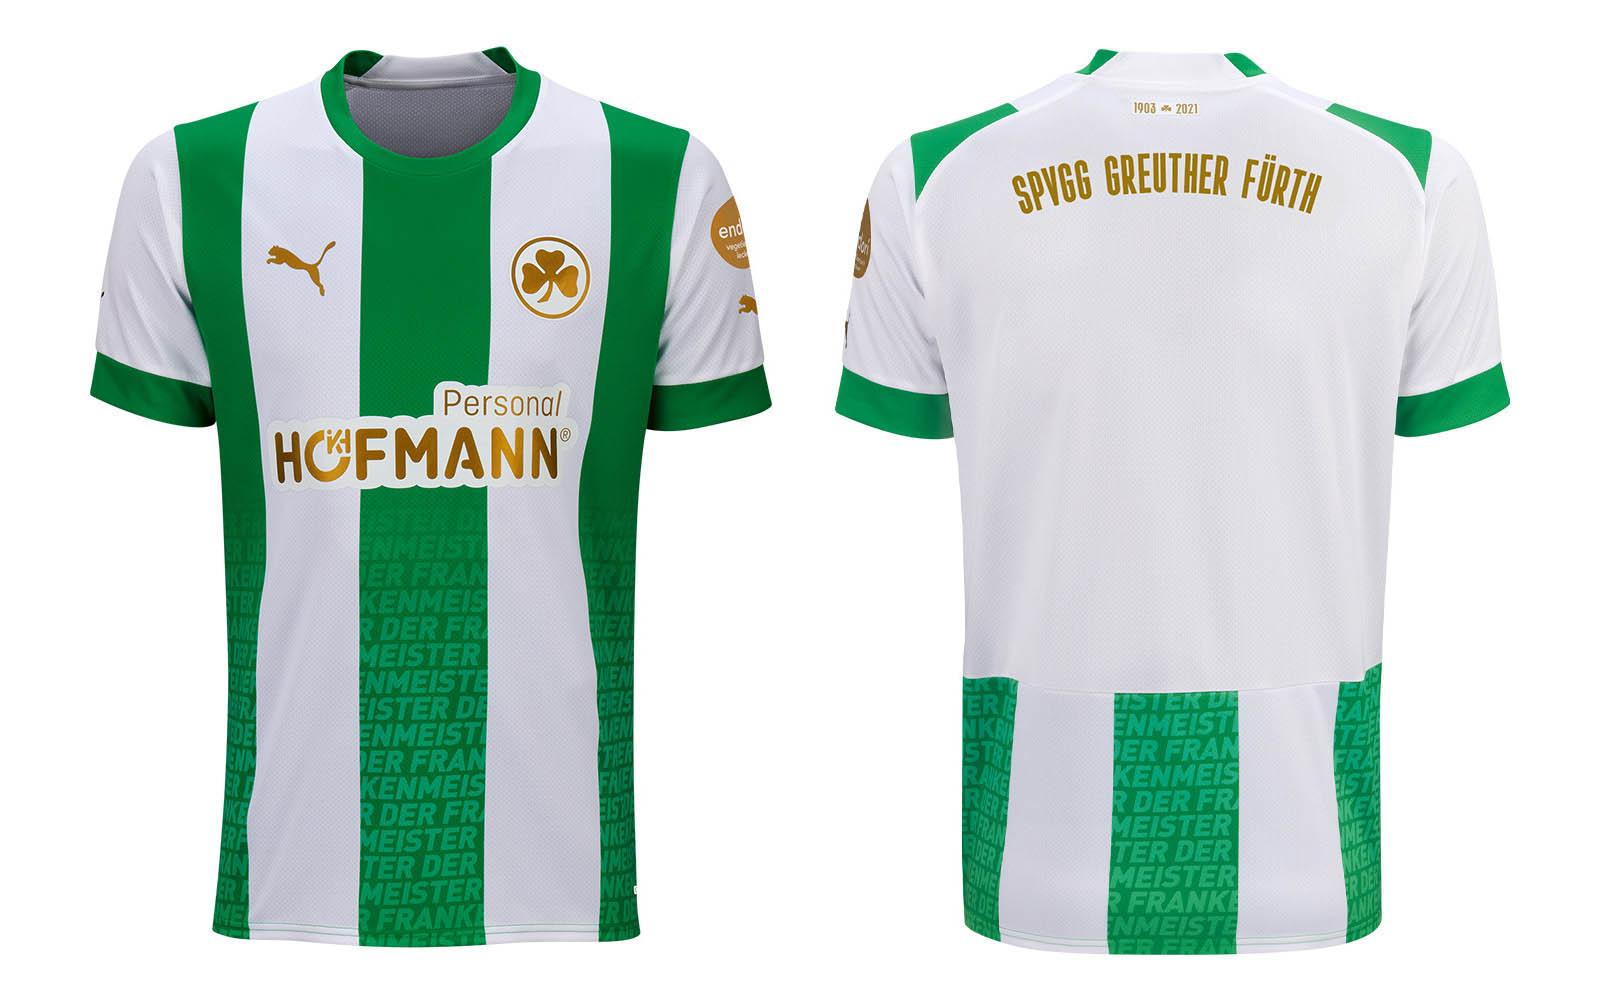 Camisa dos 108 anos do Greuther Furth 2021-2022 PUMA kit